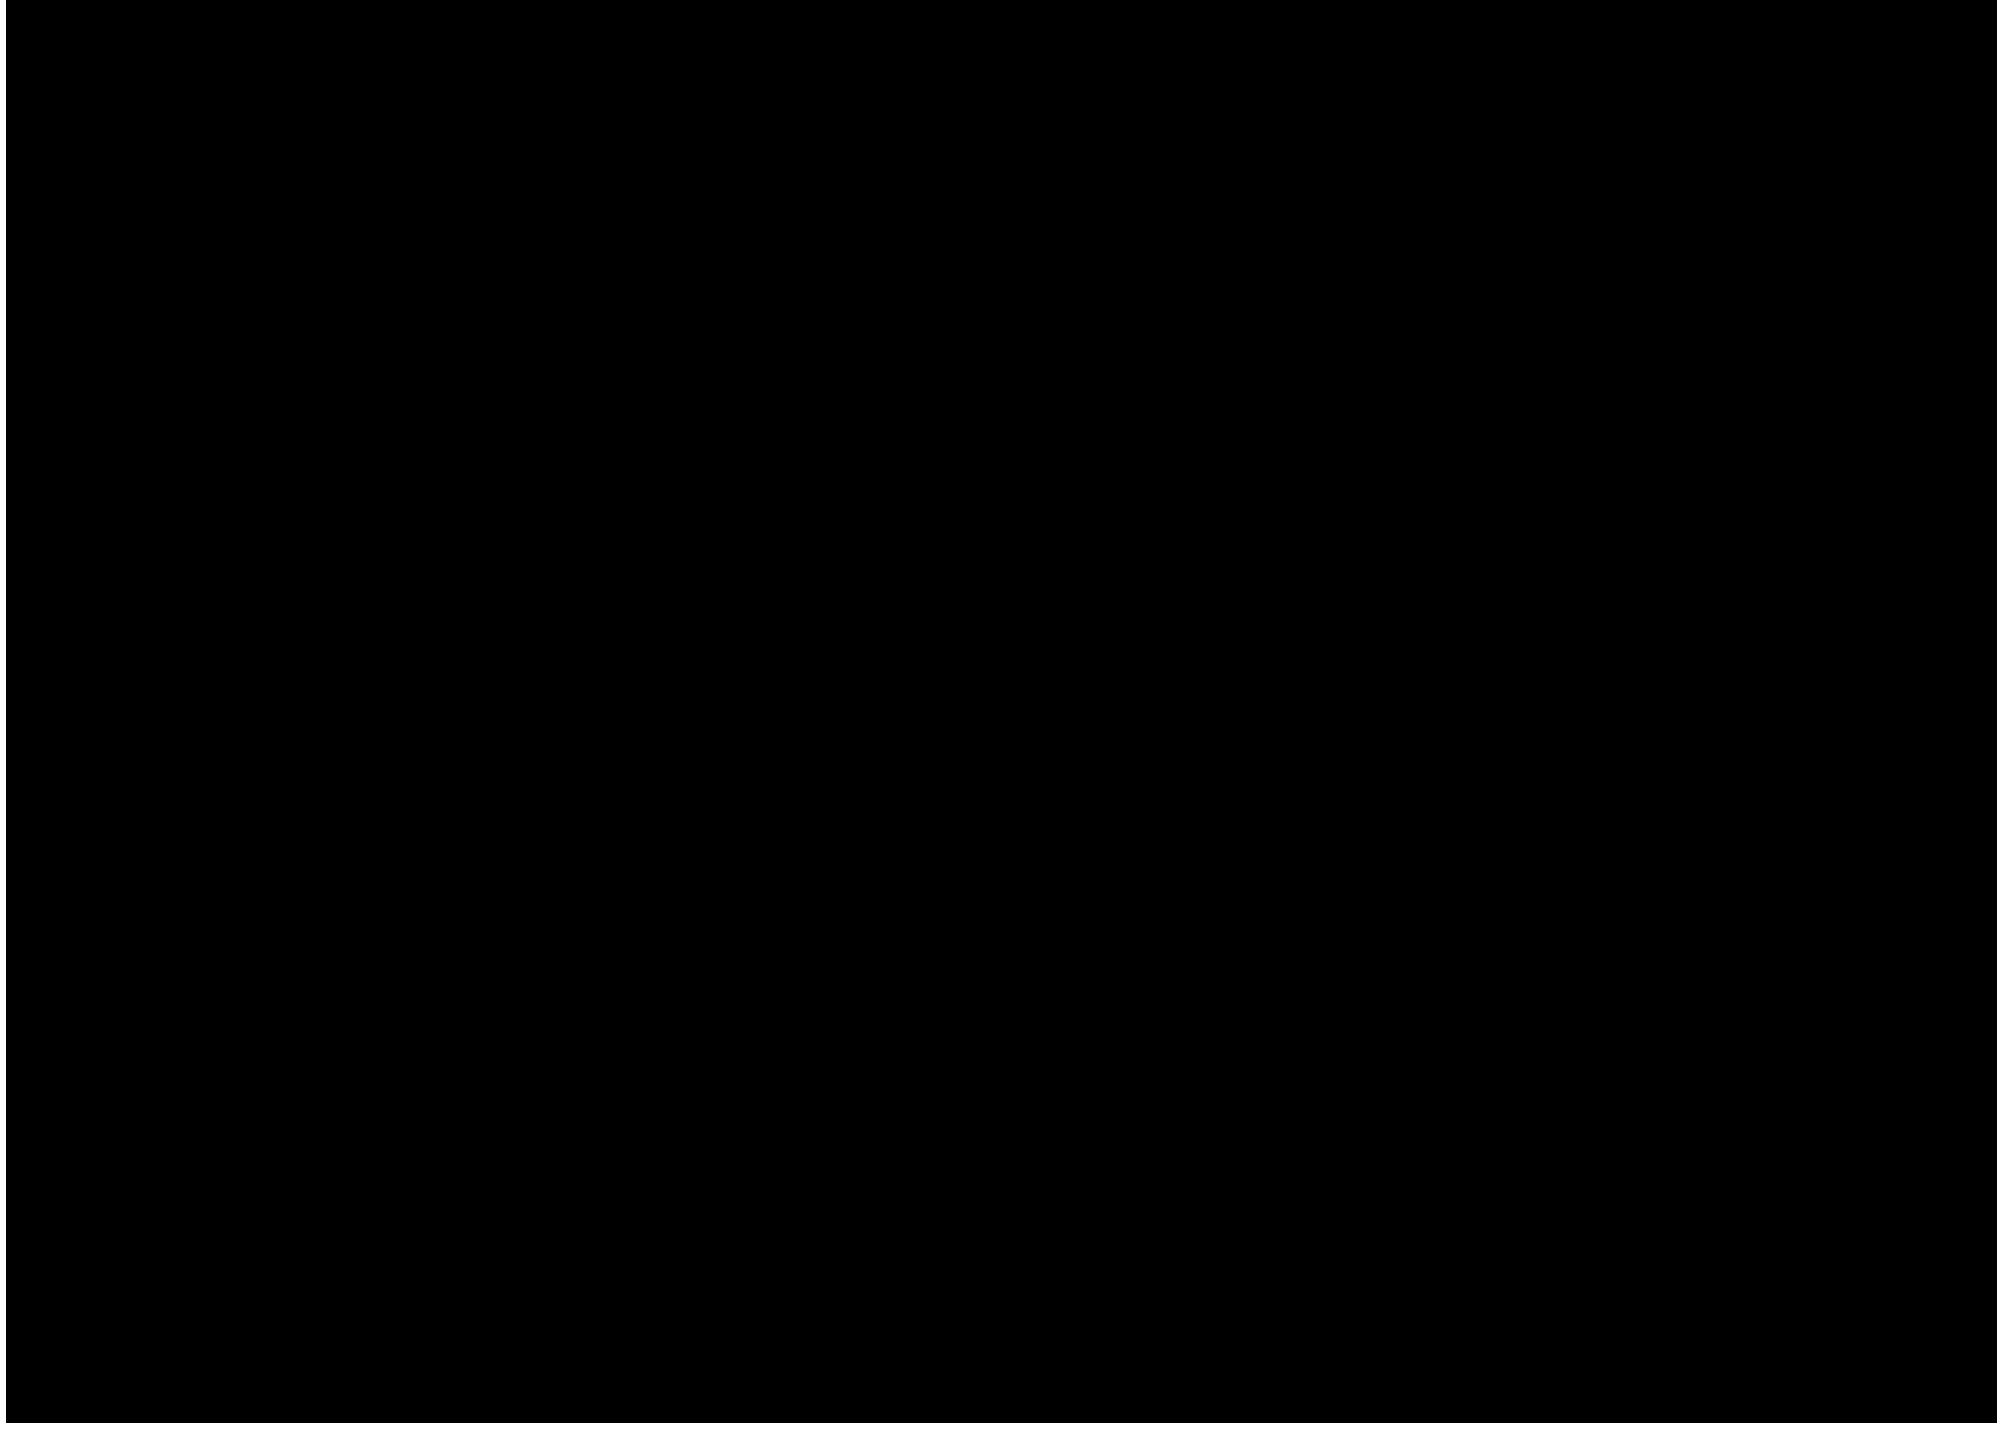 знак CE (маркировка CE) Conformité Européenne — «европейское соответствие»